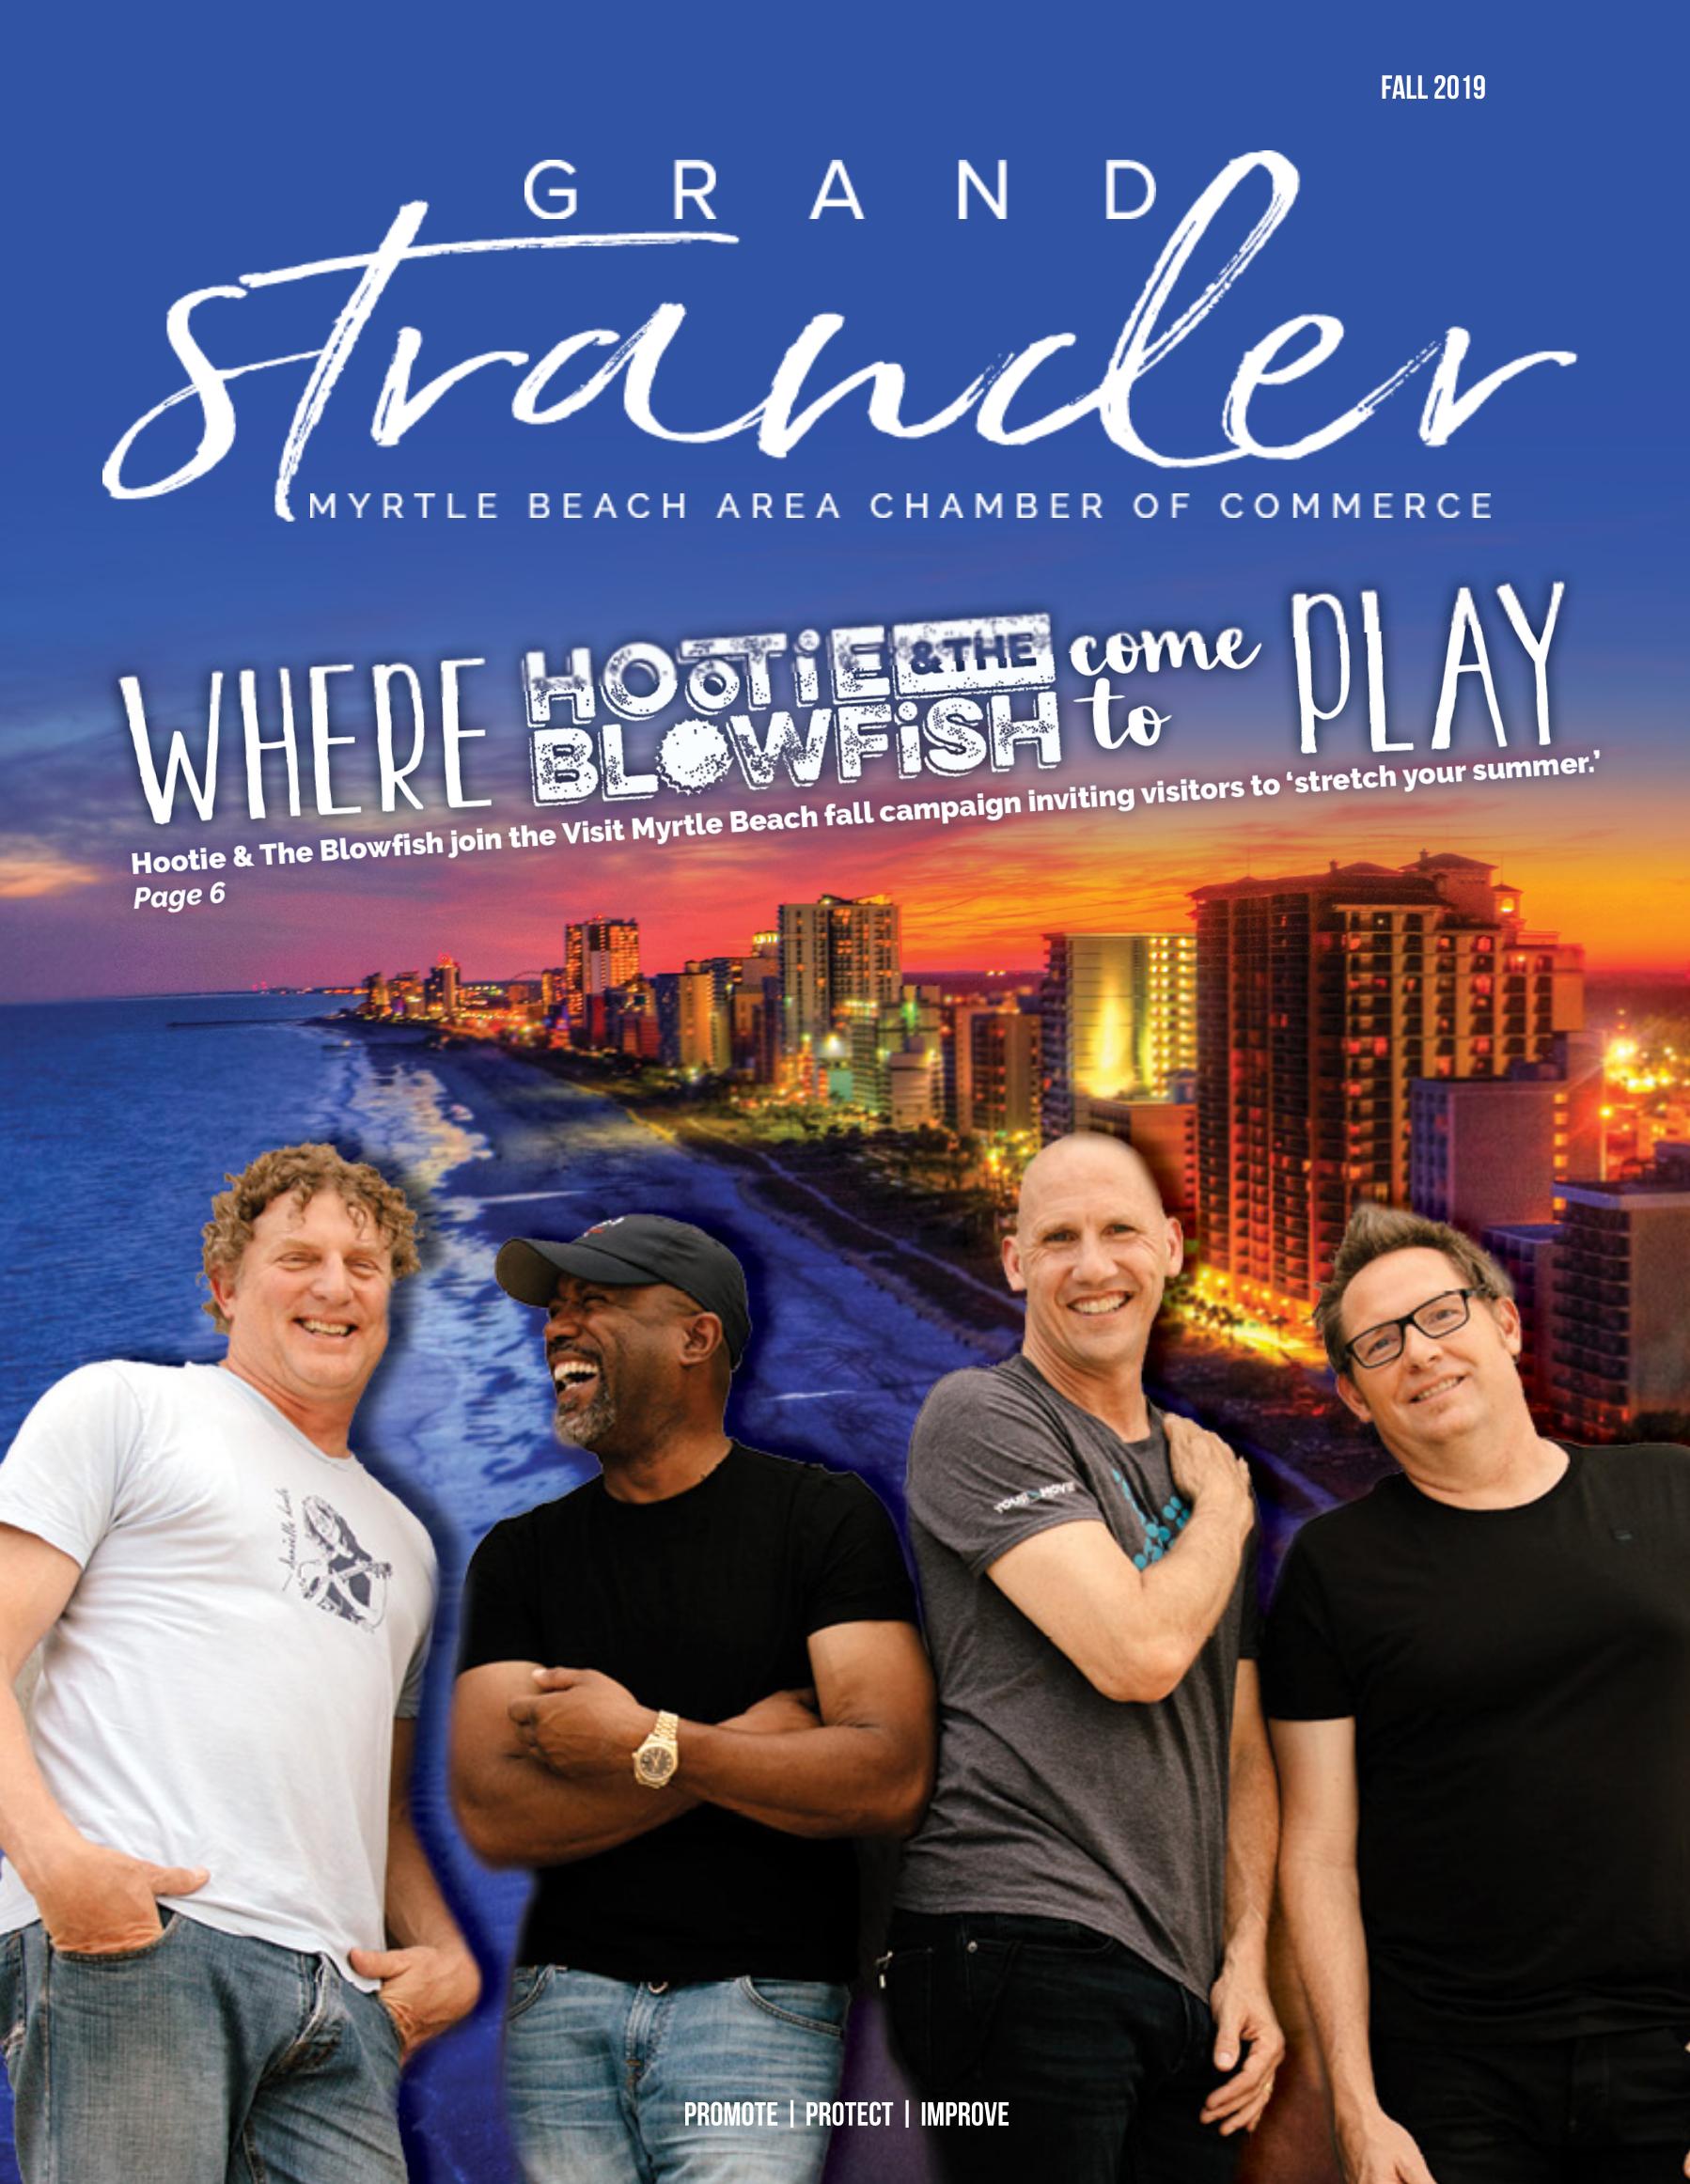 August Grand Strander -